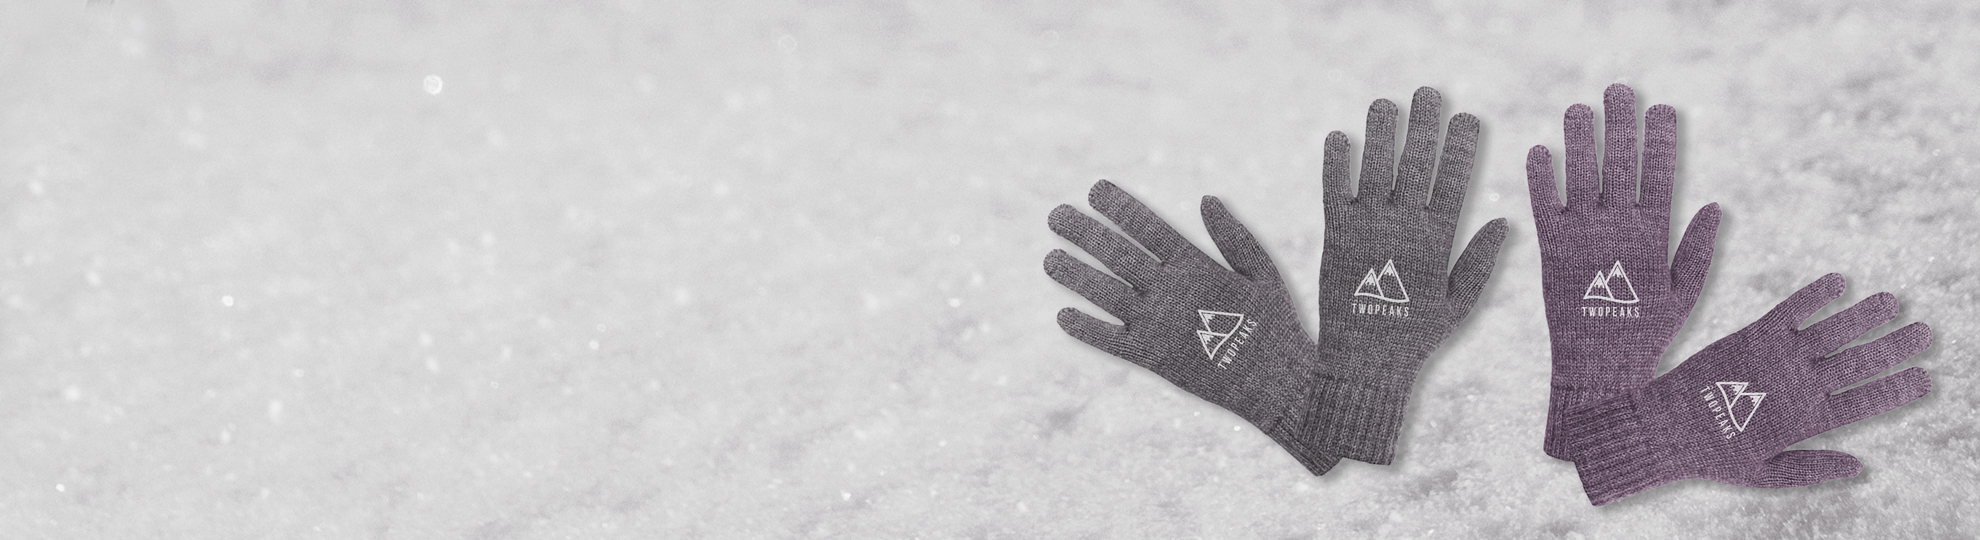 Impression gants personnalisés publicitaire